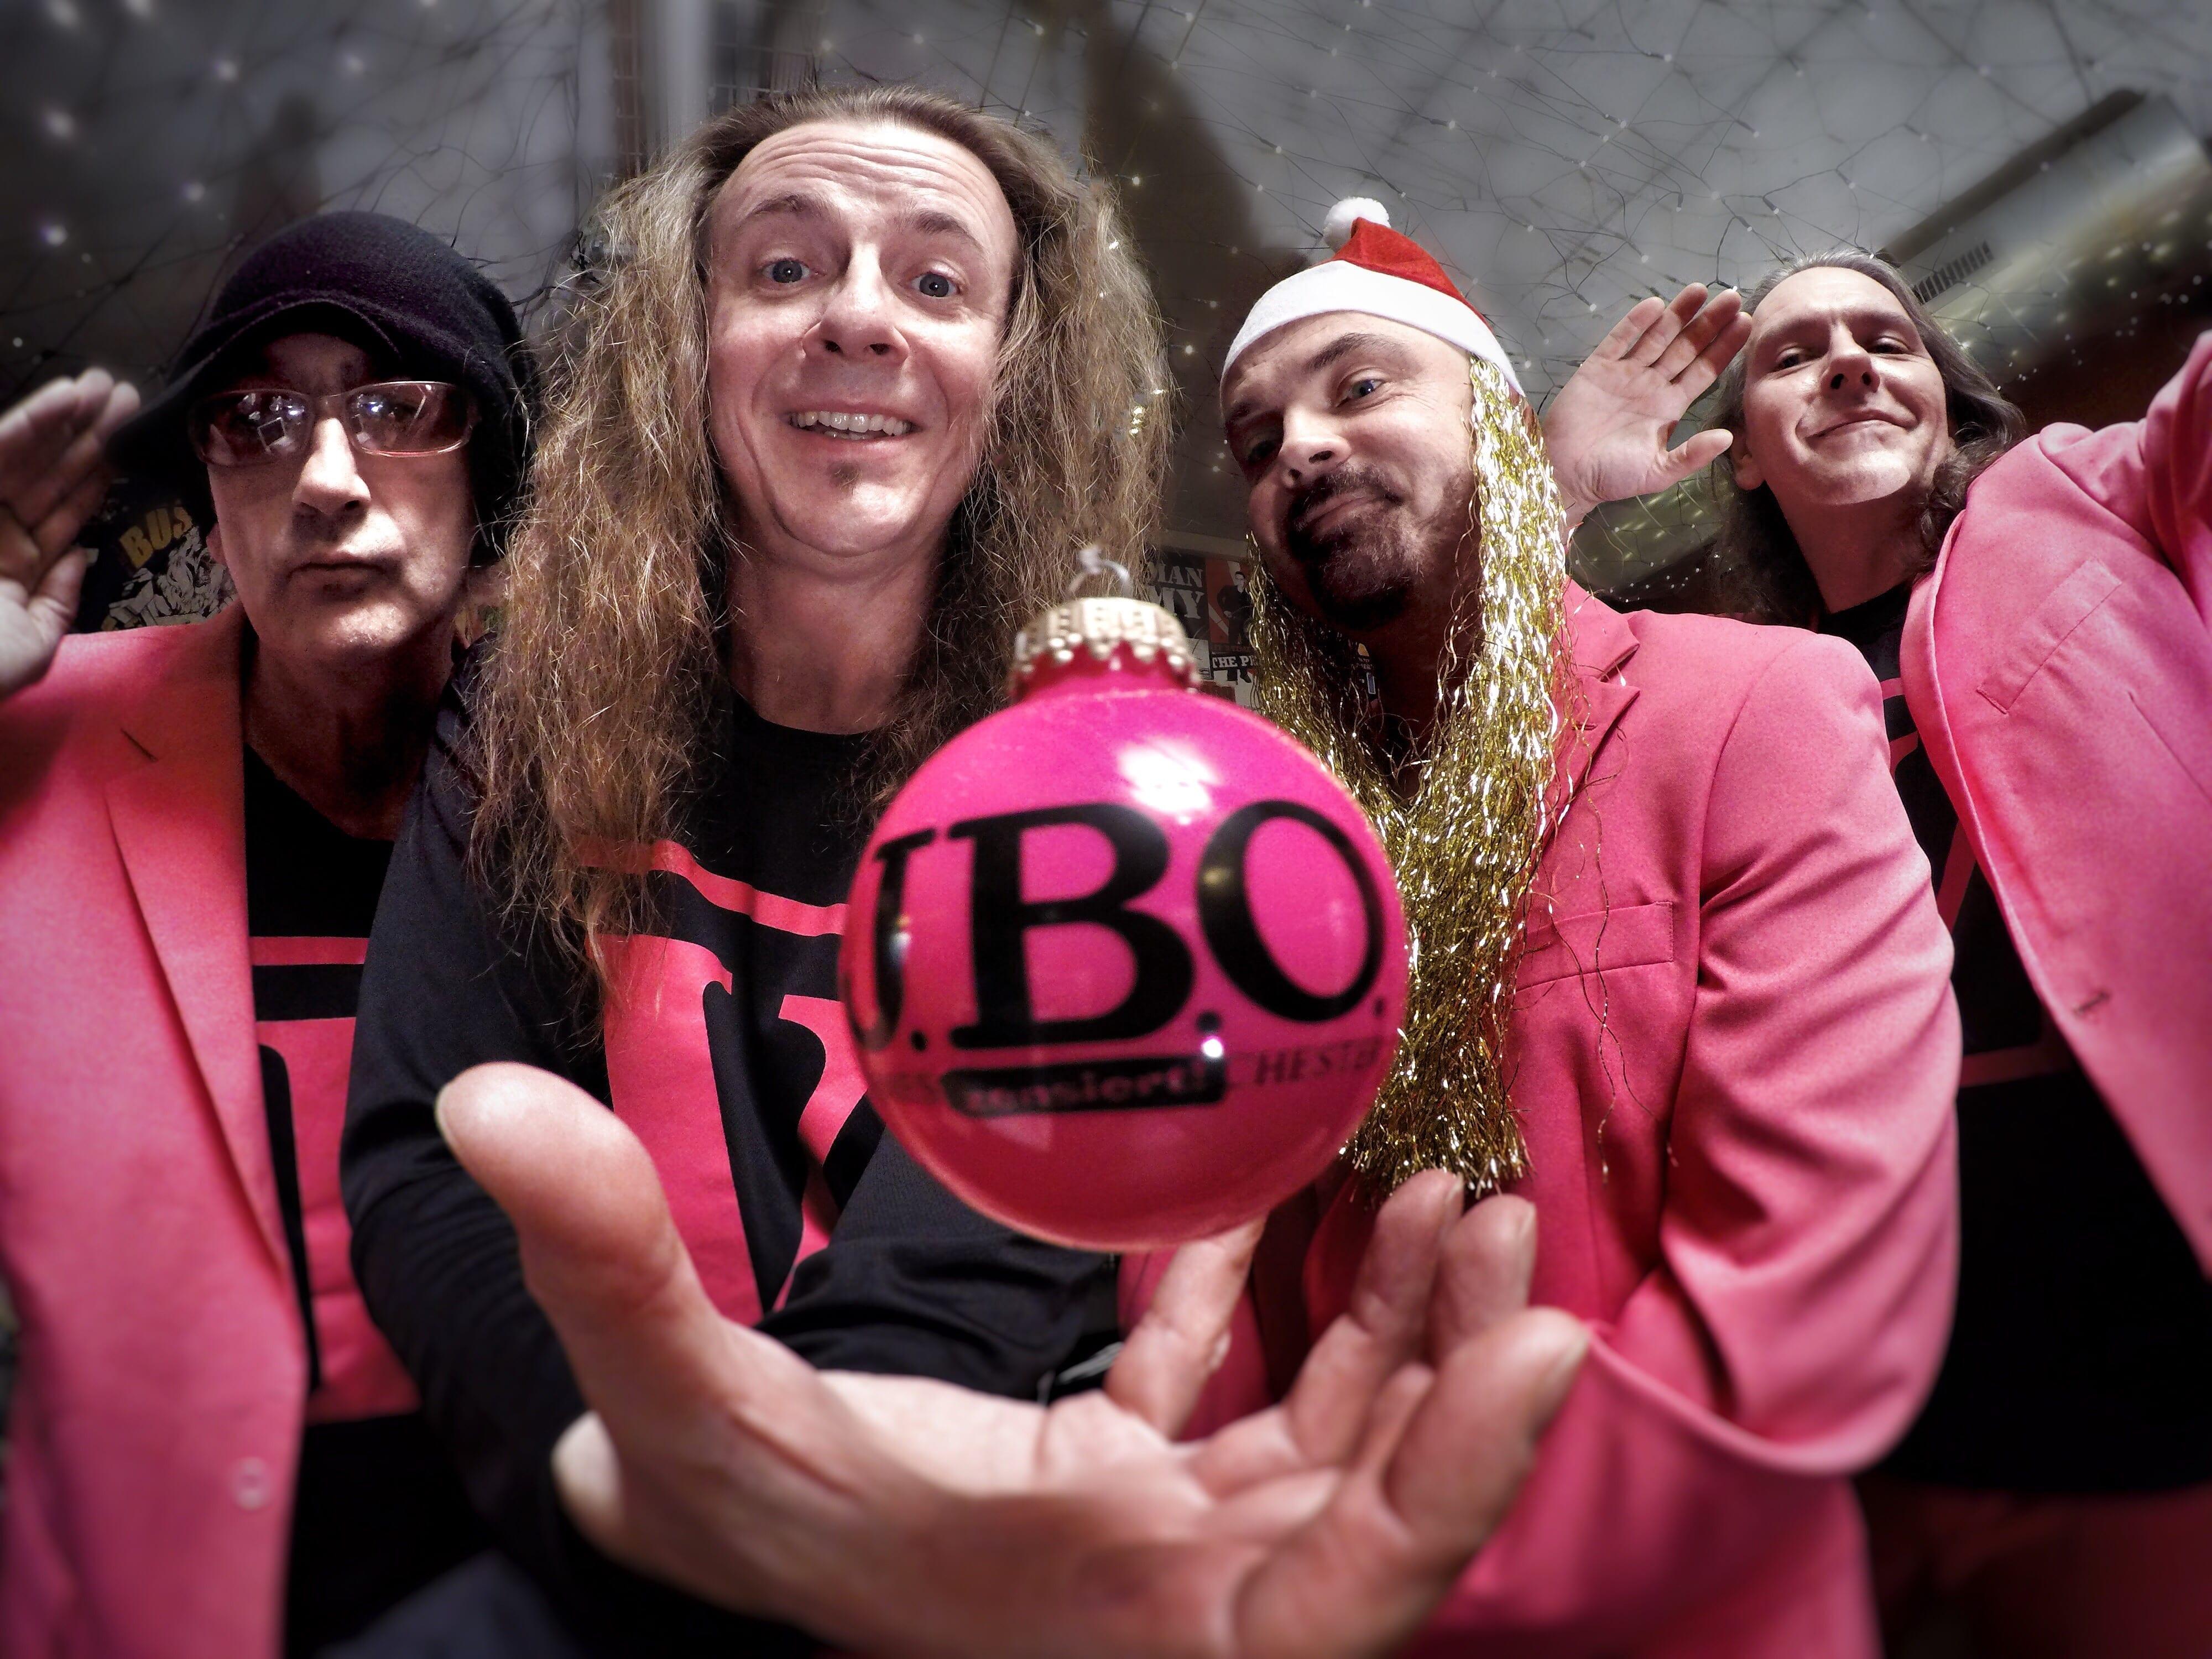 J.B.O. - BLAST Christmas